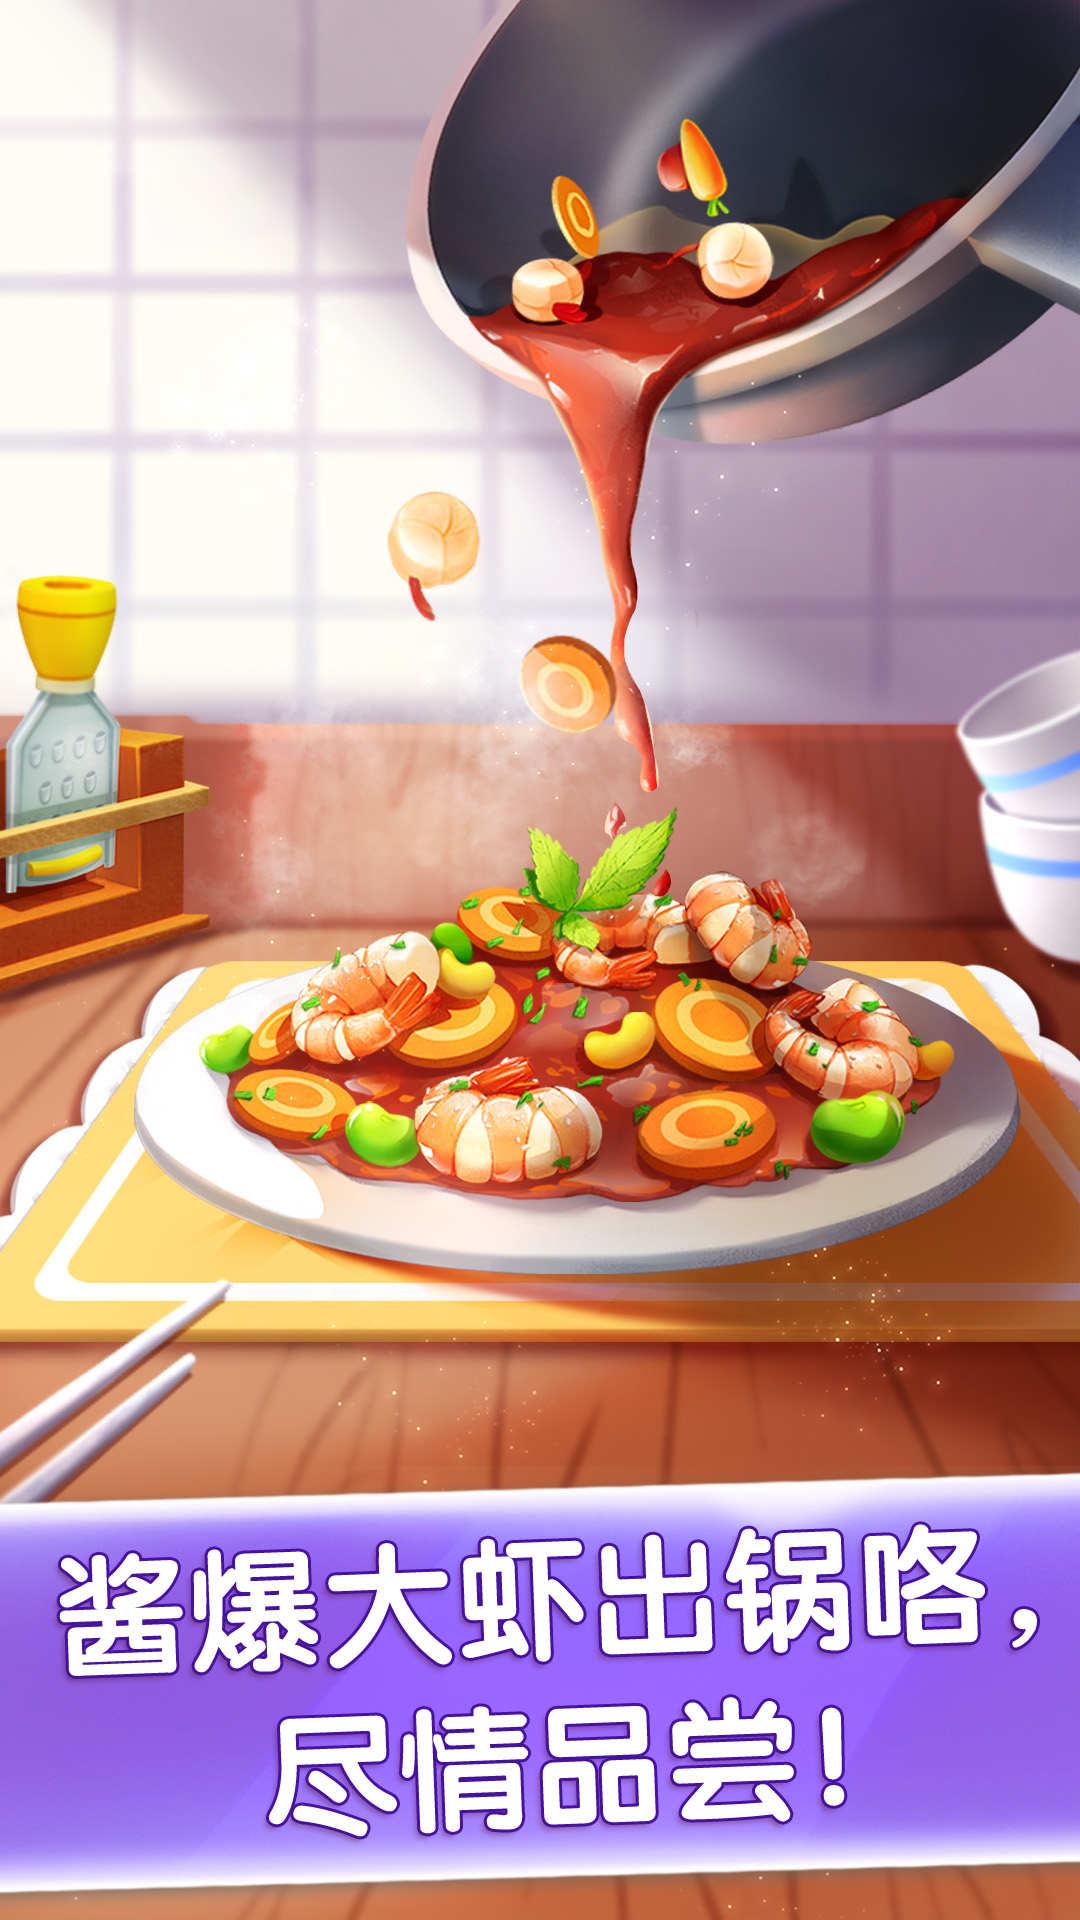 奇妙美食餐厅 V9.21.00.00 安卓版截图3